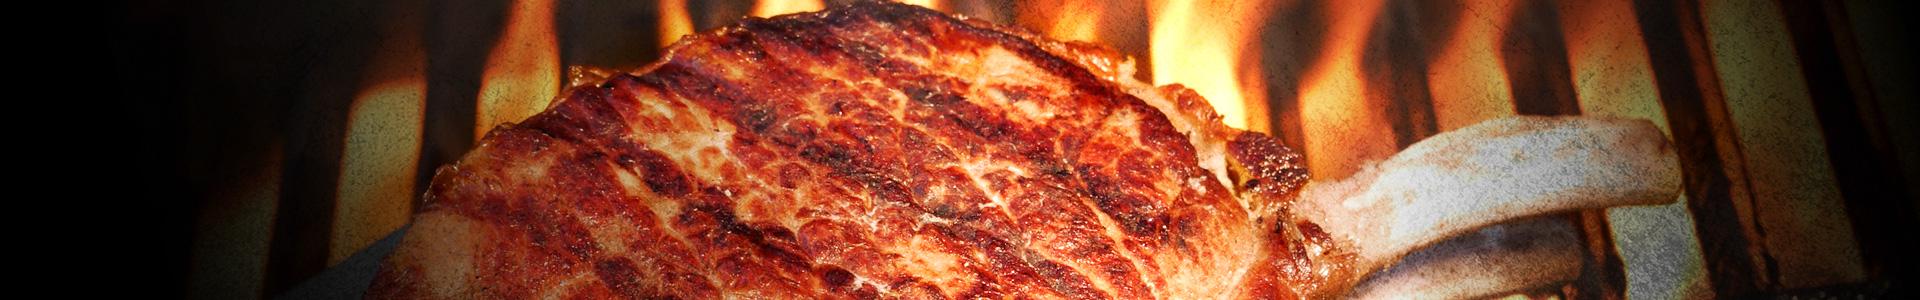 Dry Aged Pork